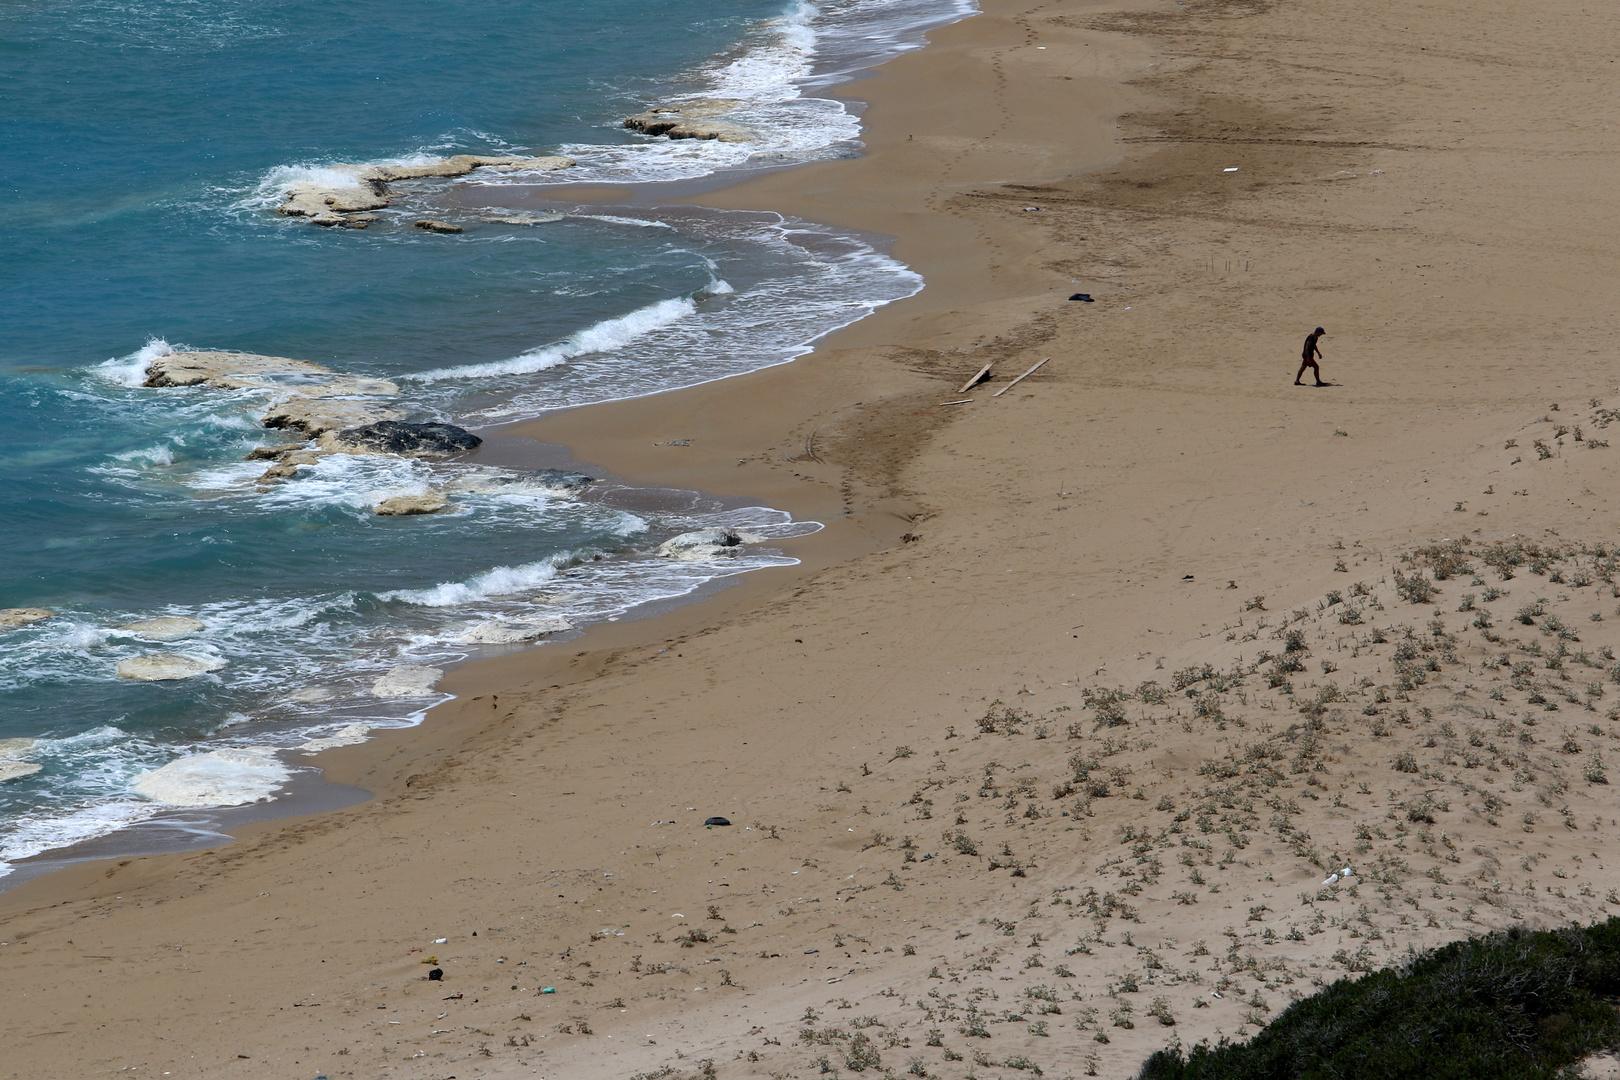 تحقيق: حكومة قبرص خالفت القوانين مرات لا تحصى خلال منح الجنسية